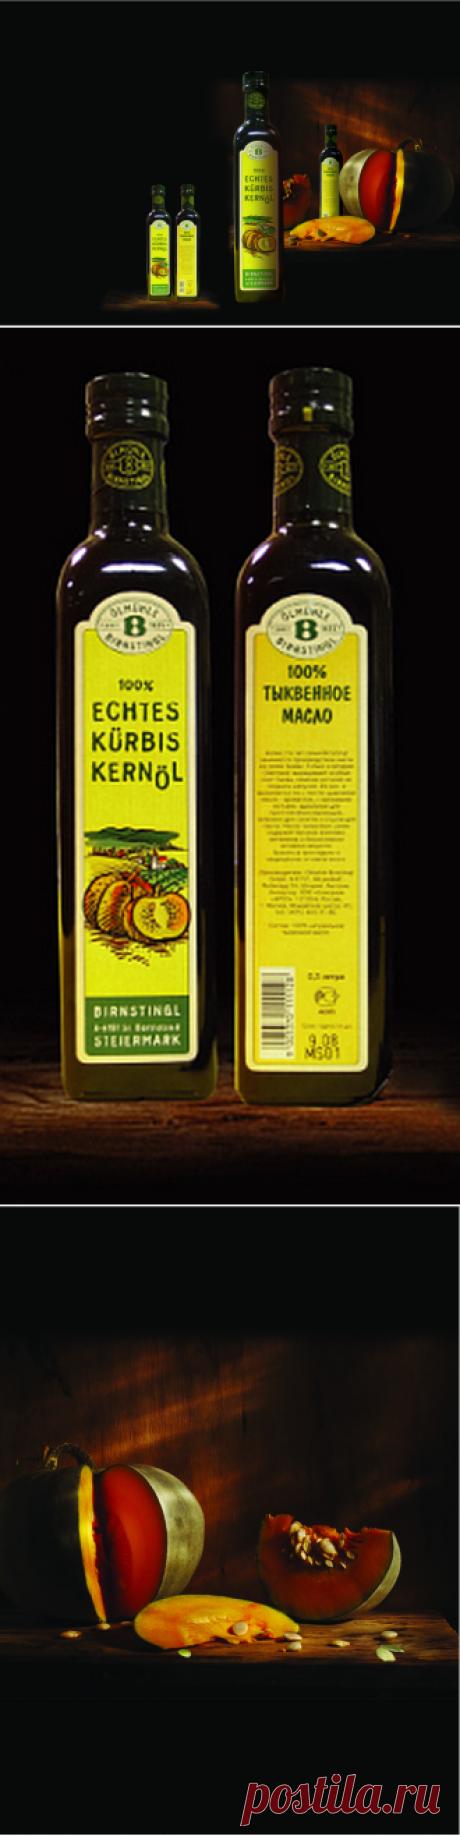 Тыквенное масло 1854 BIRNSTINGL 2014